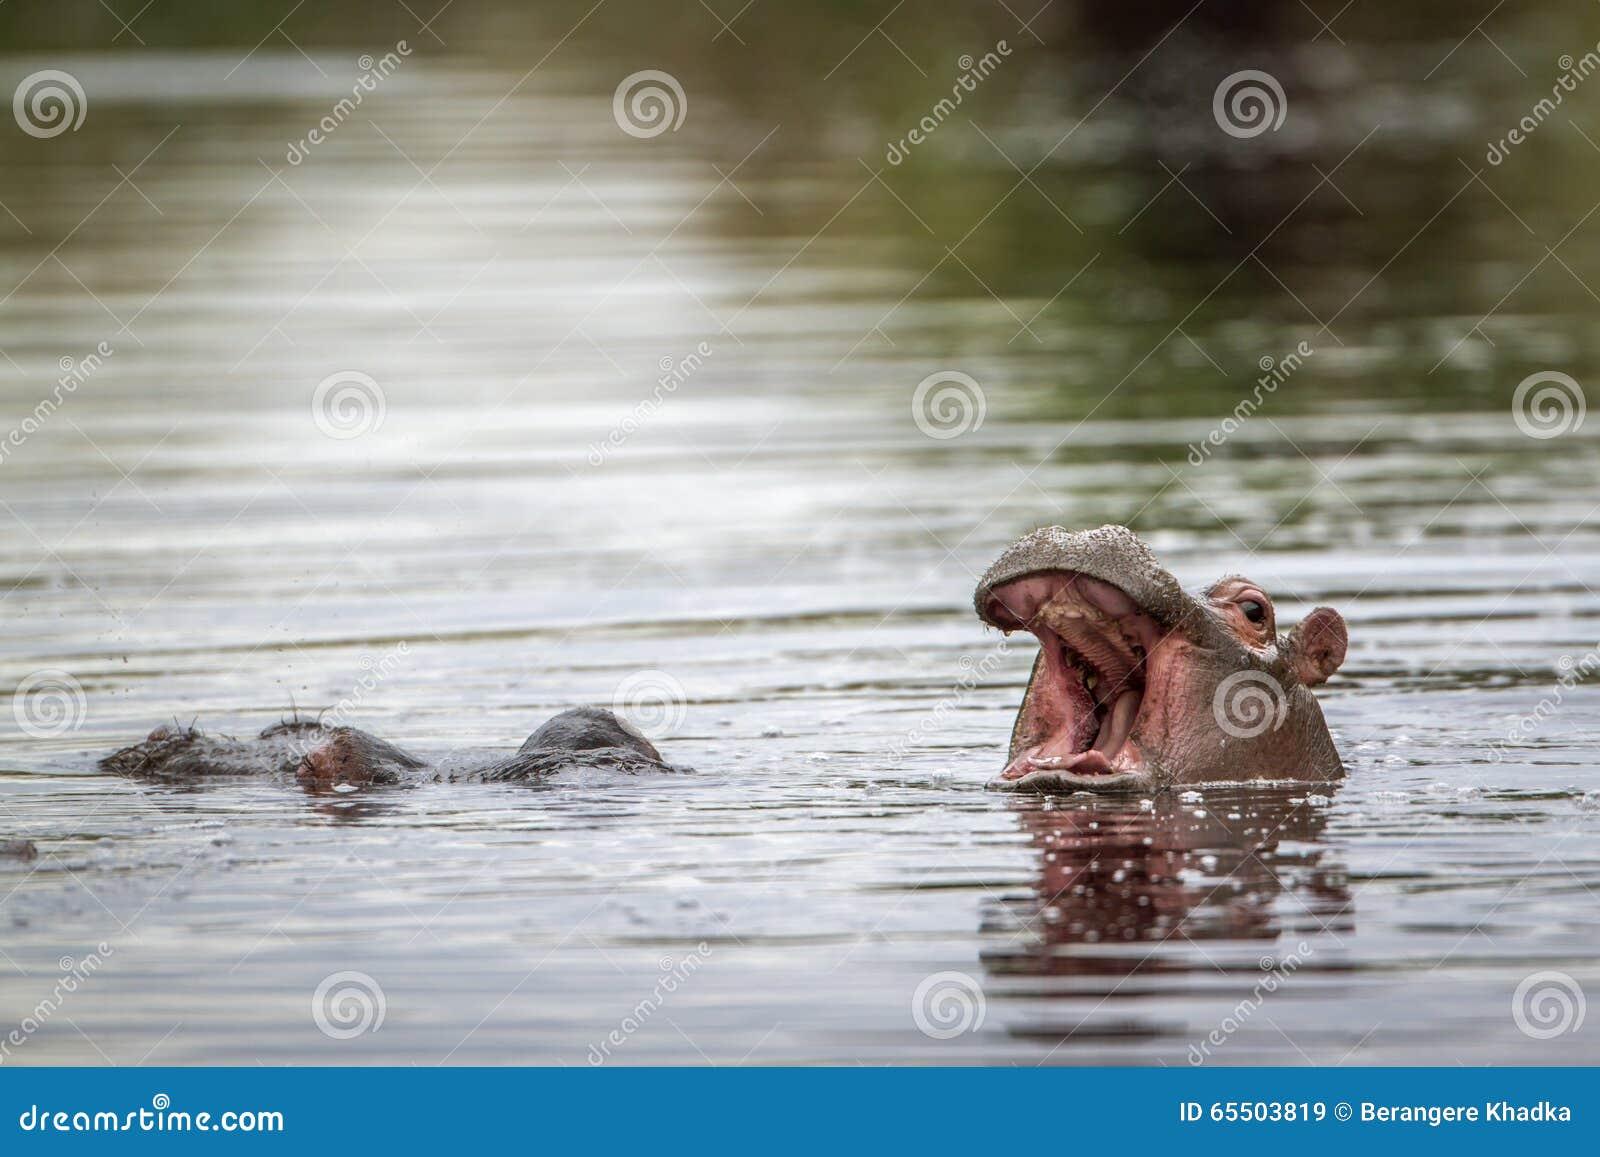 Hipopótamo no parque nacional de Kruger, África do Sul